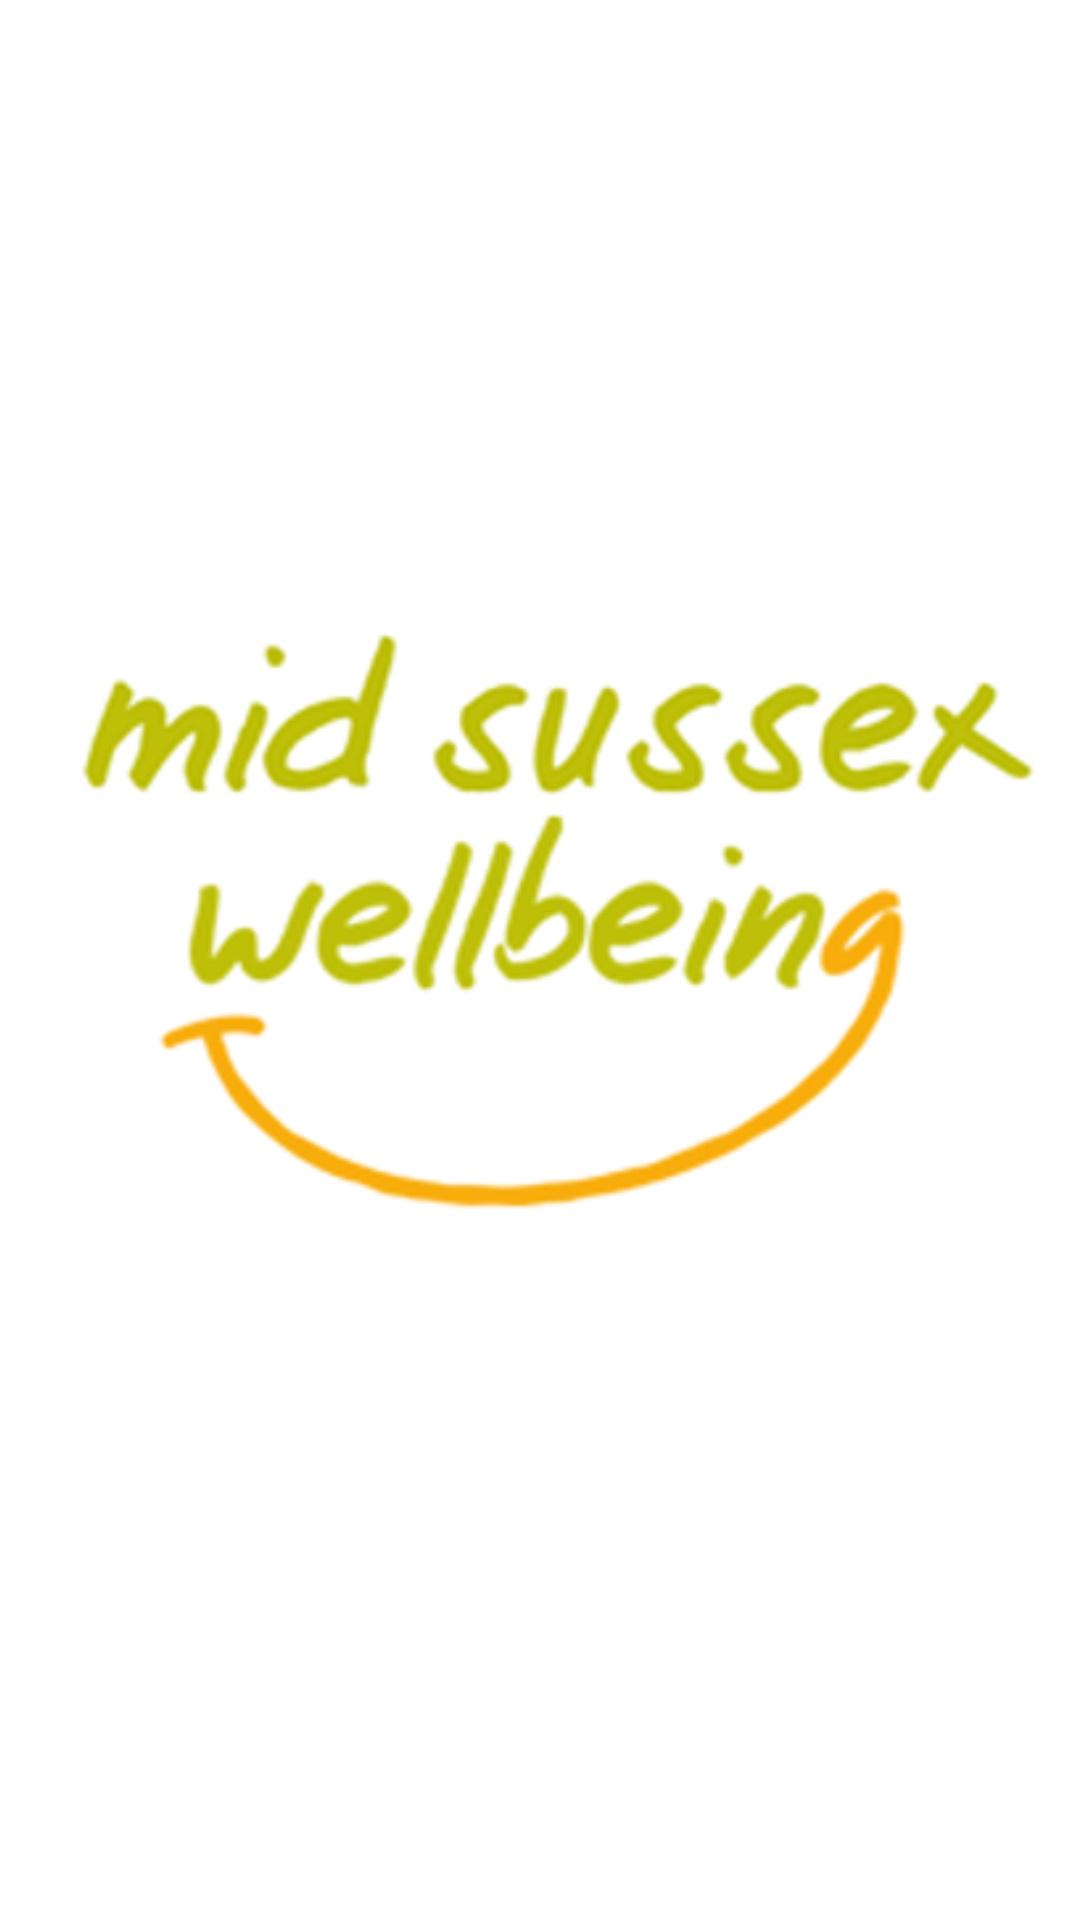 wellbeing_logo__1920